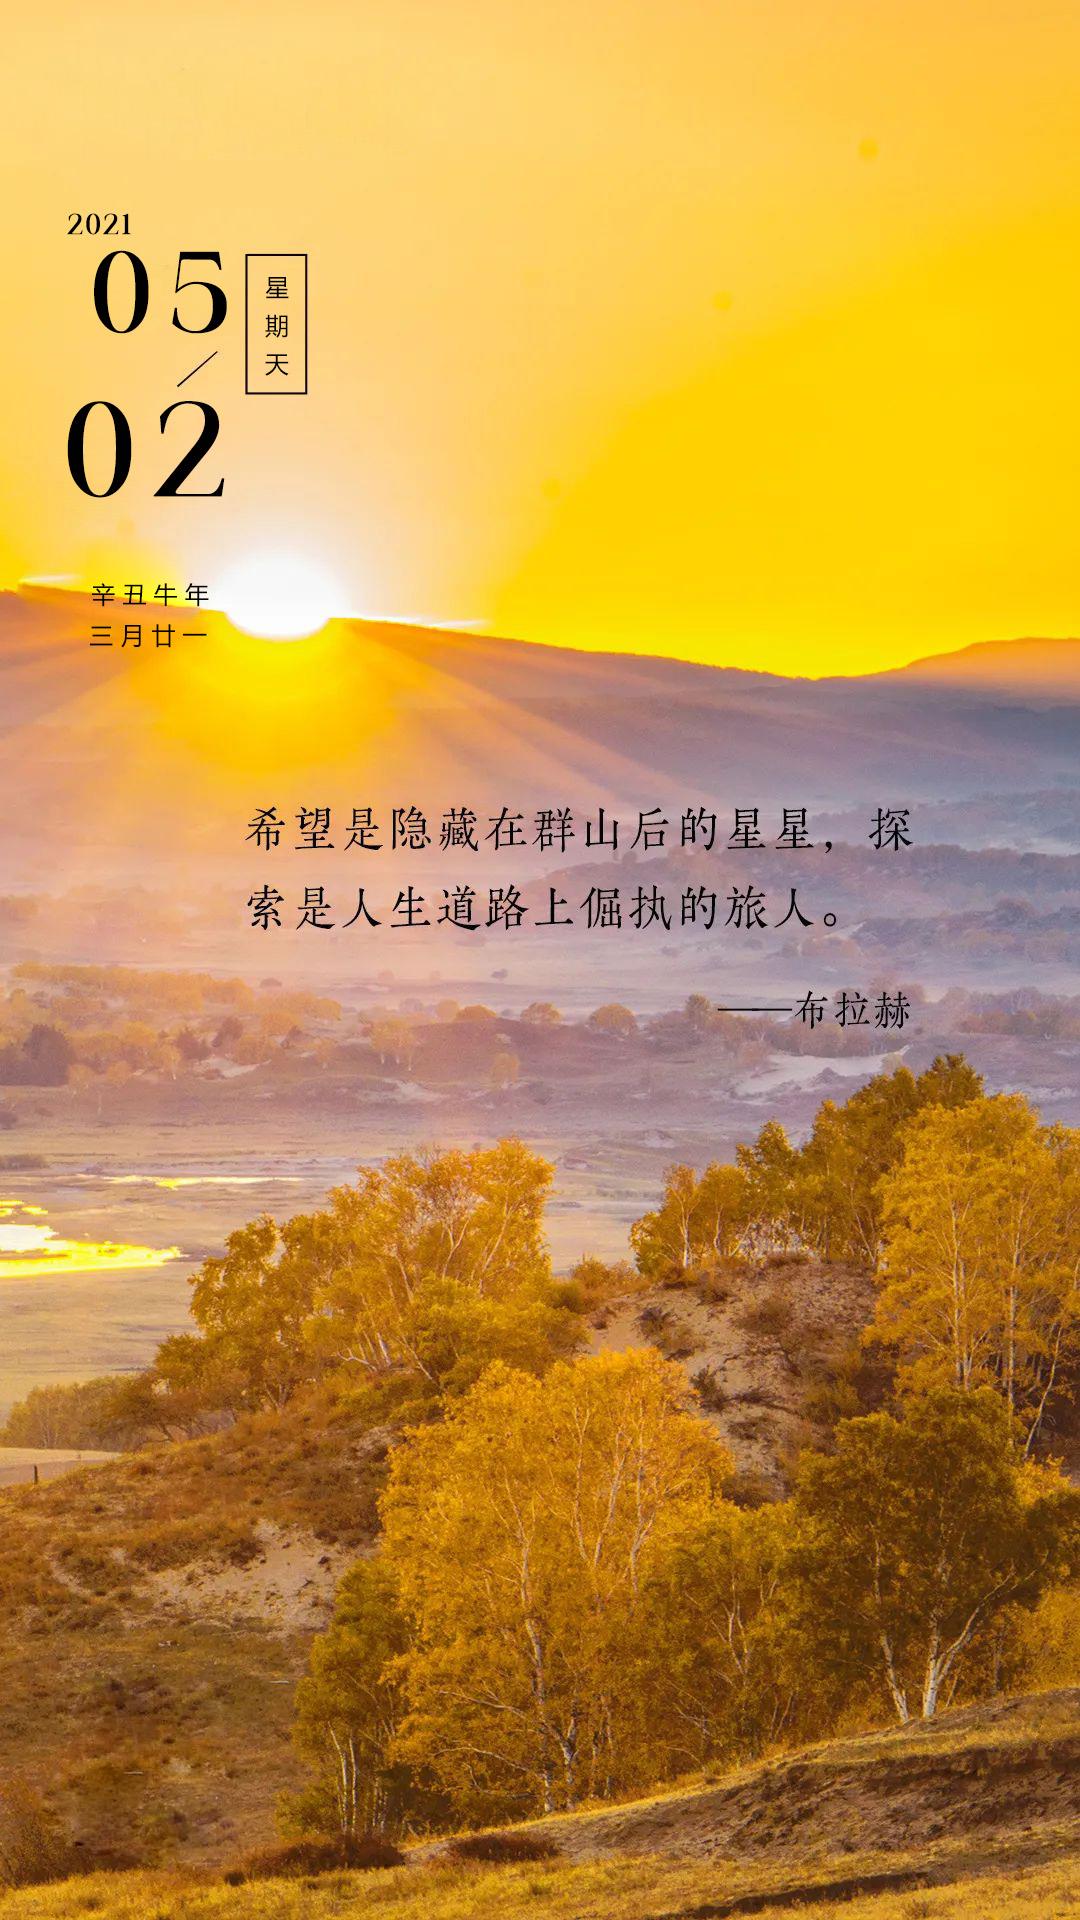 5月早上好正能量图片说说,五月加油早安语,为梦想奋斗